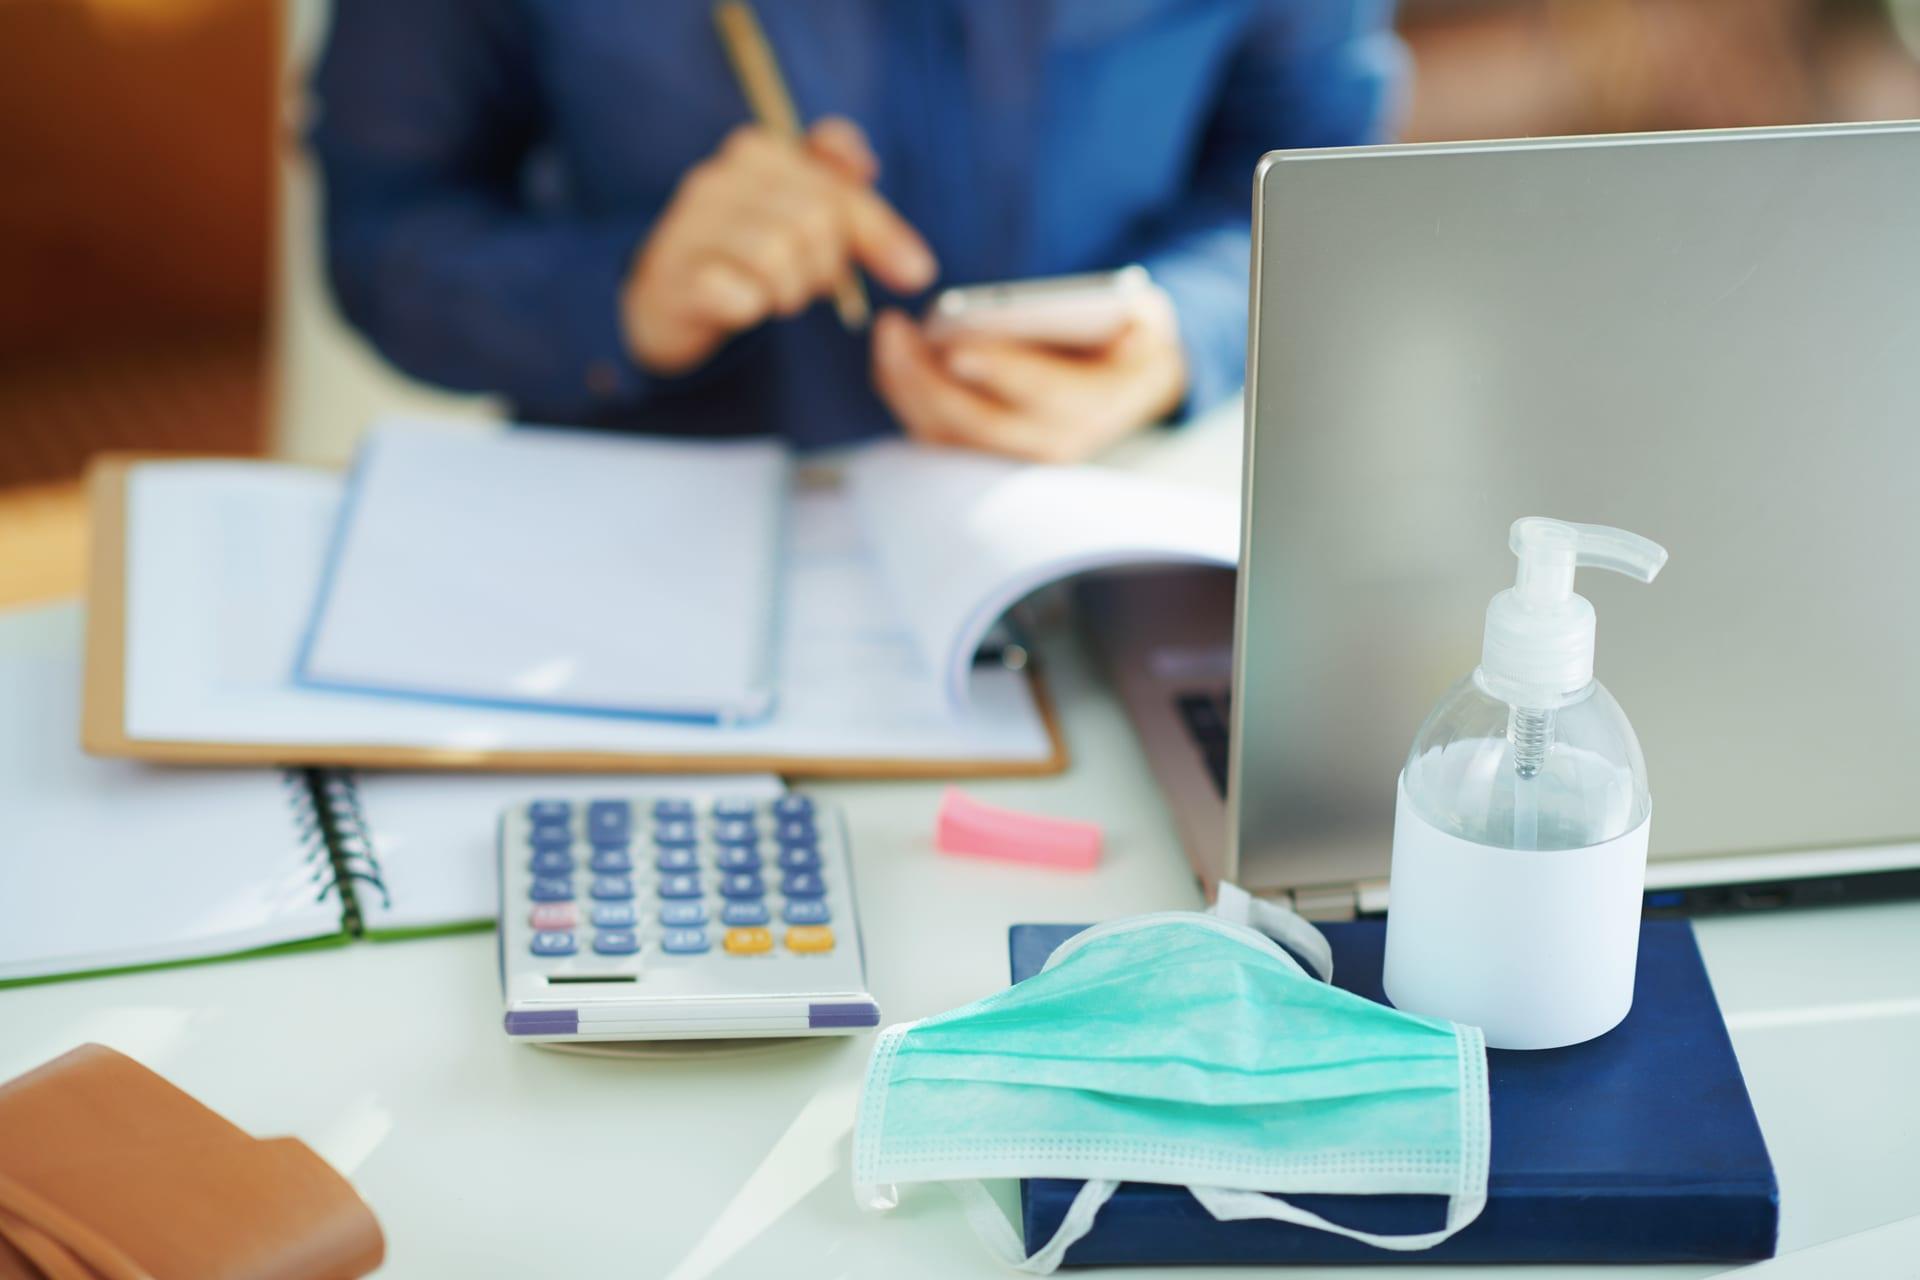 Wpływ pandemii nakredyty hipoteczne